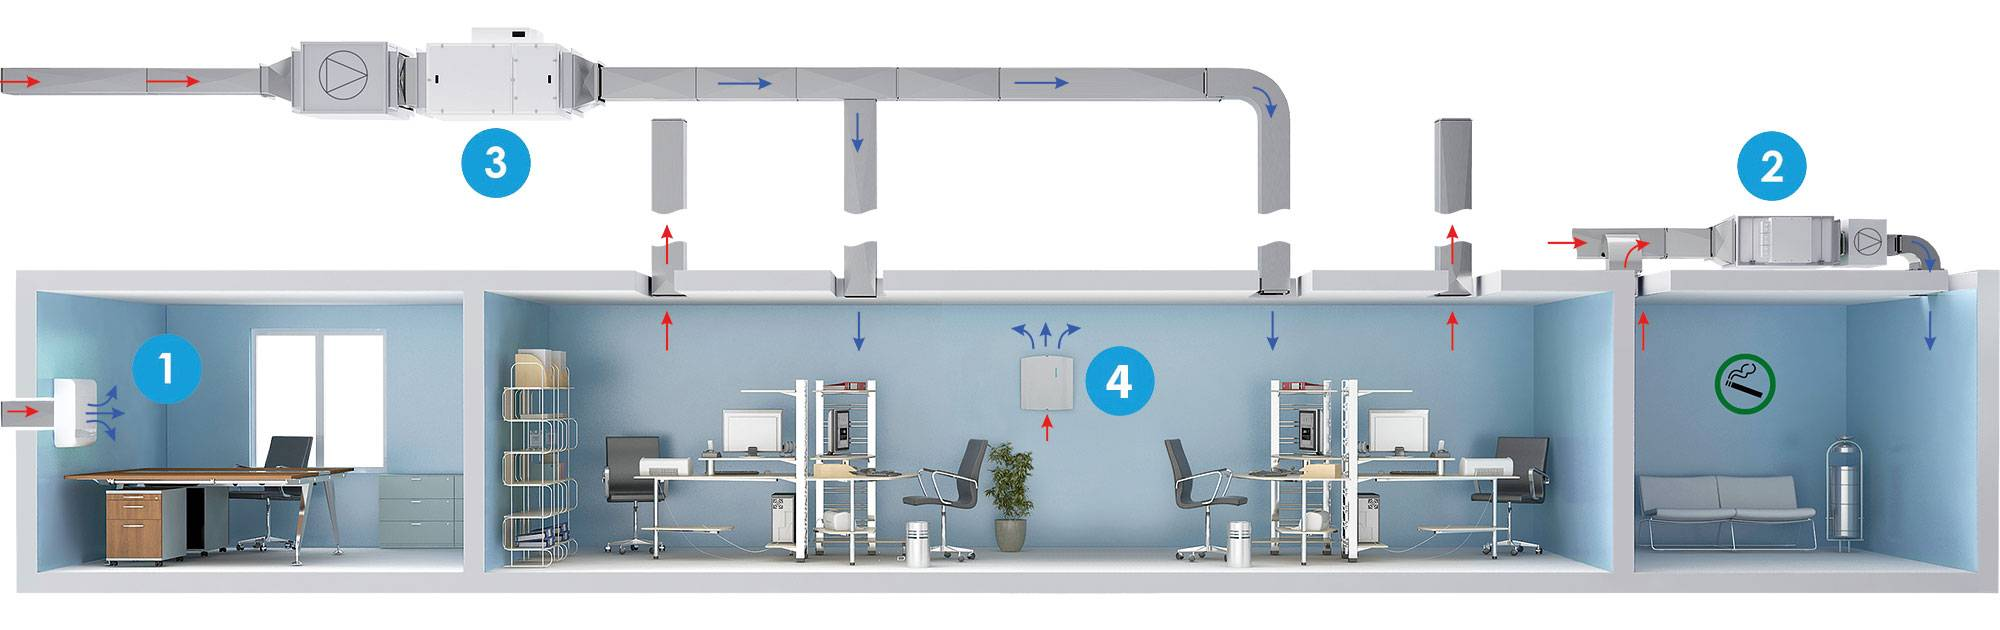 Вентиляция помещений: особенности, требования, конструкции, инструкция по расчёту